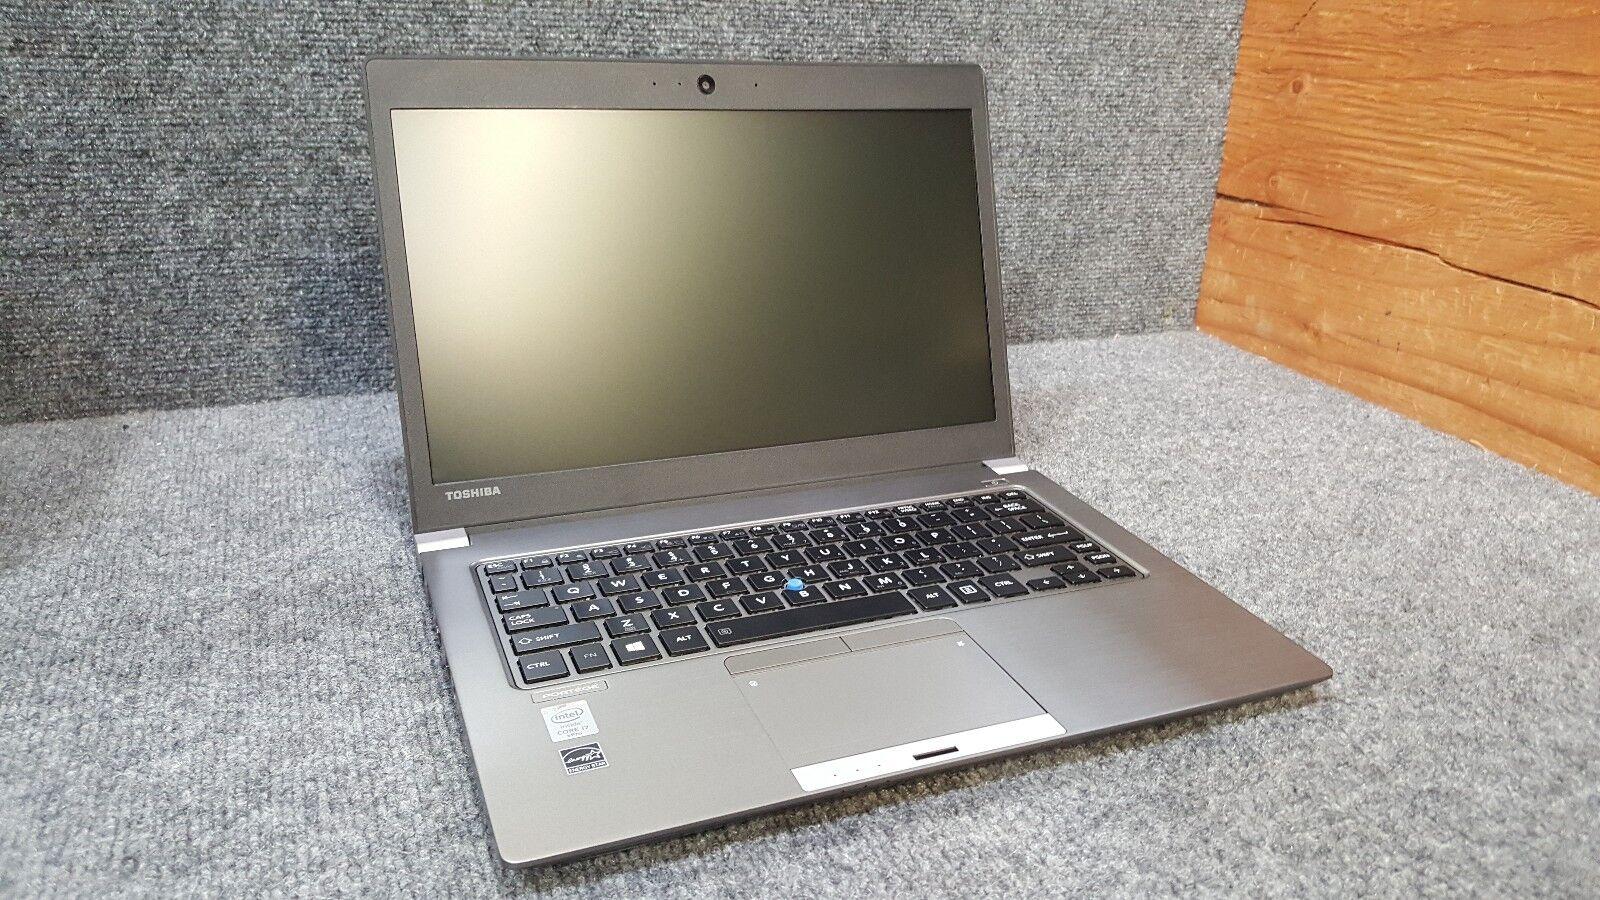 Toshiba Portege Z30 Intel Core i7-5600U 2.6Ghz 256GB SSD 8GB No Media W10 PRO